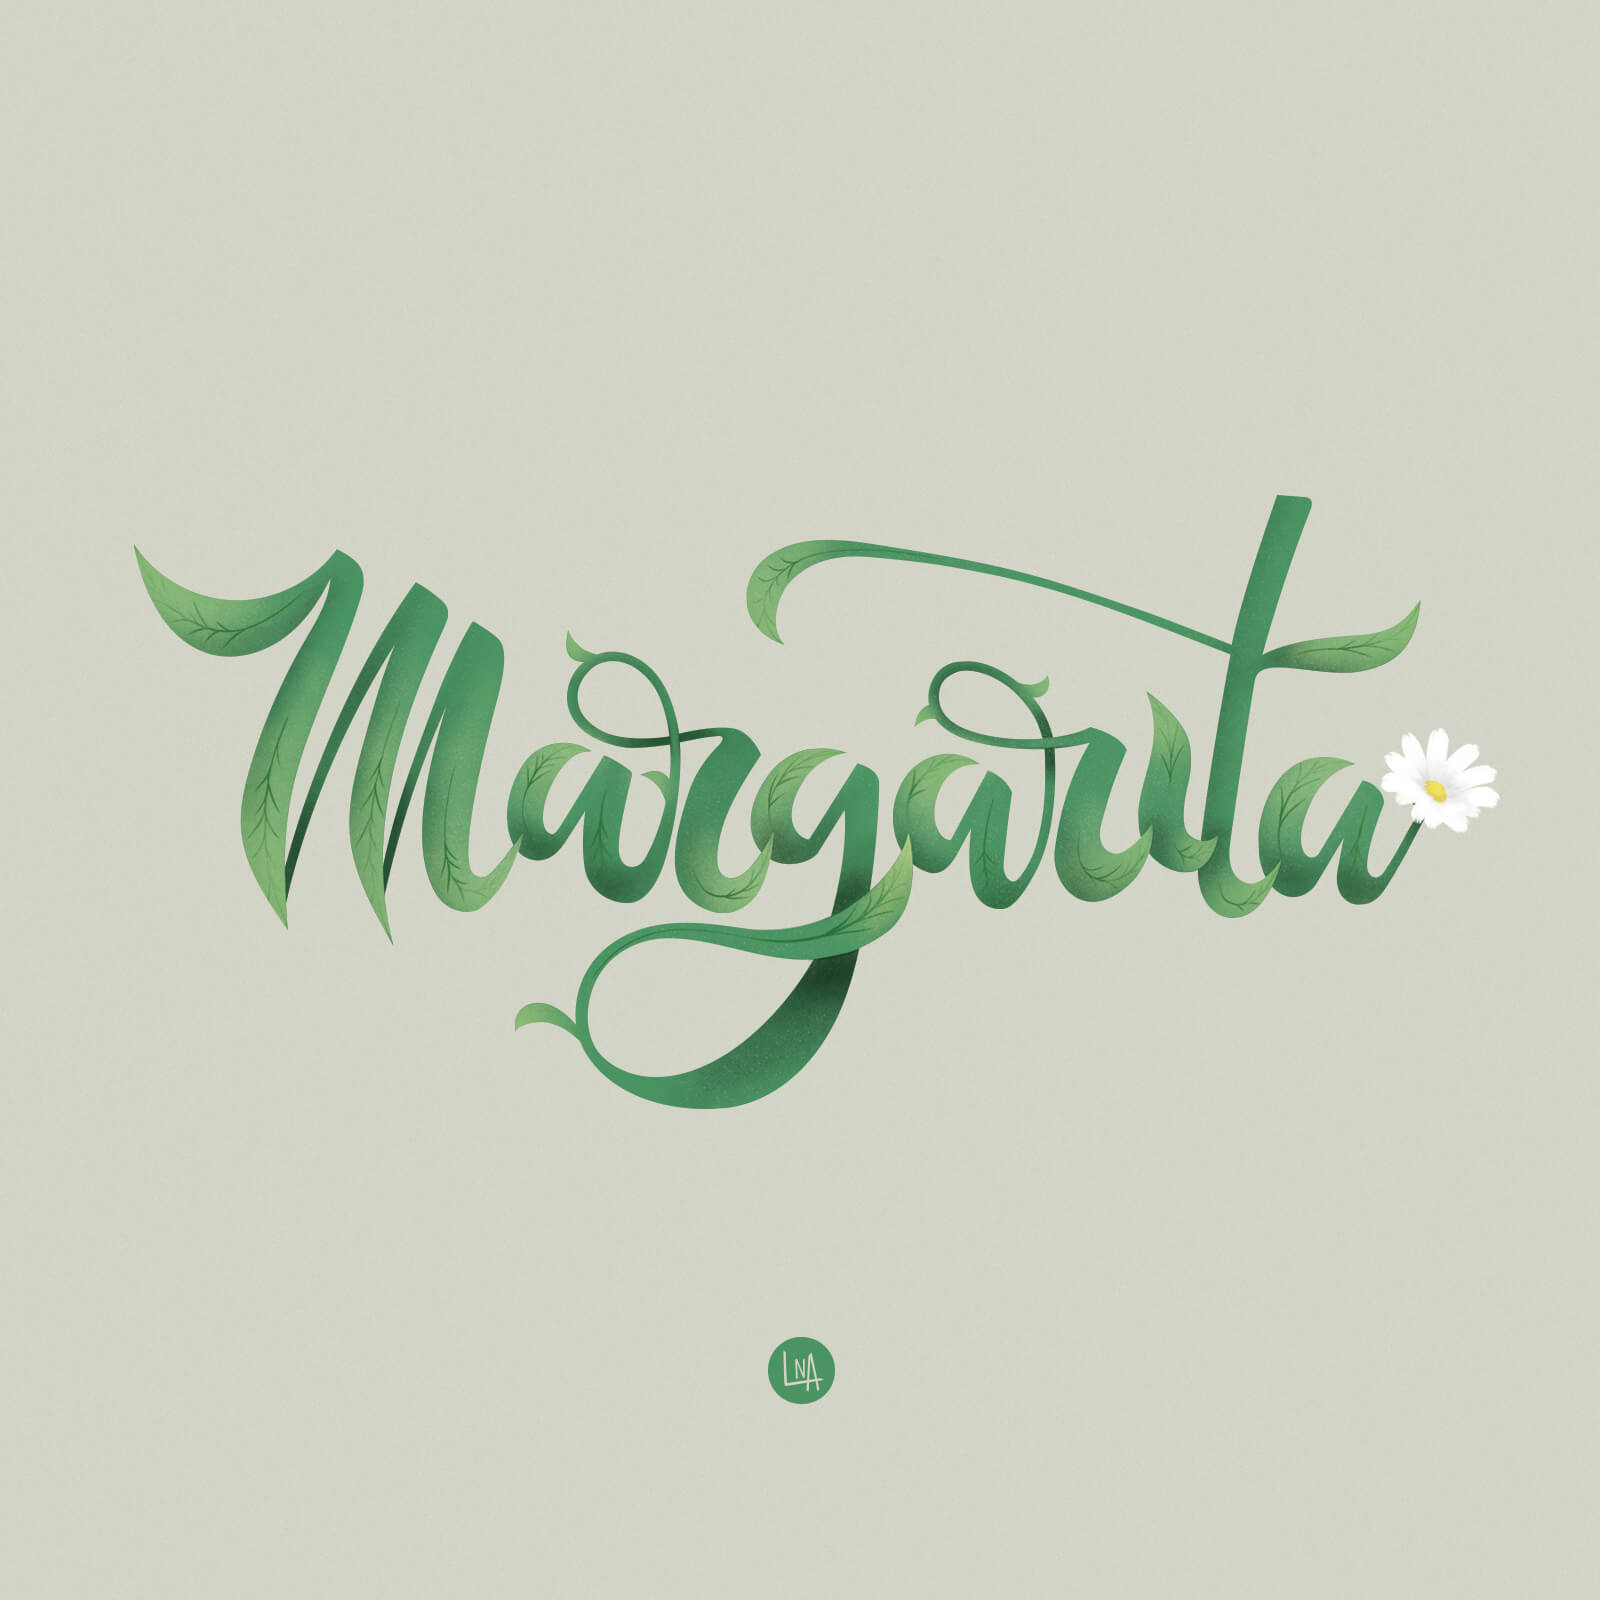 Margarita - Elena Corraliza